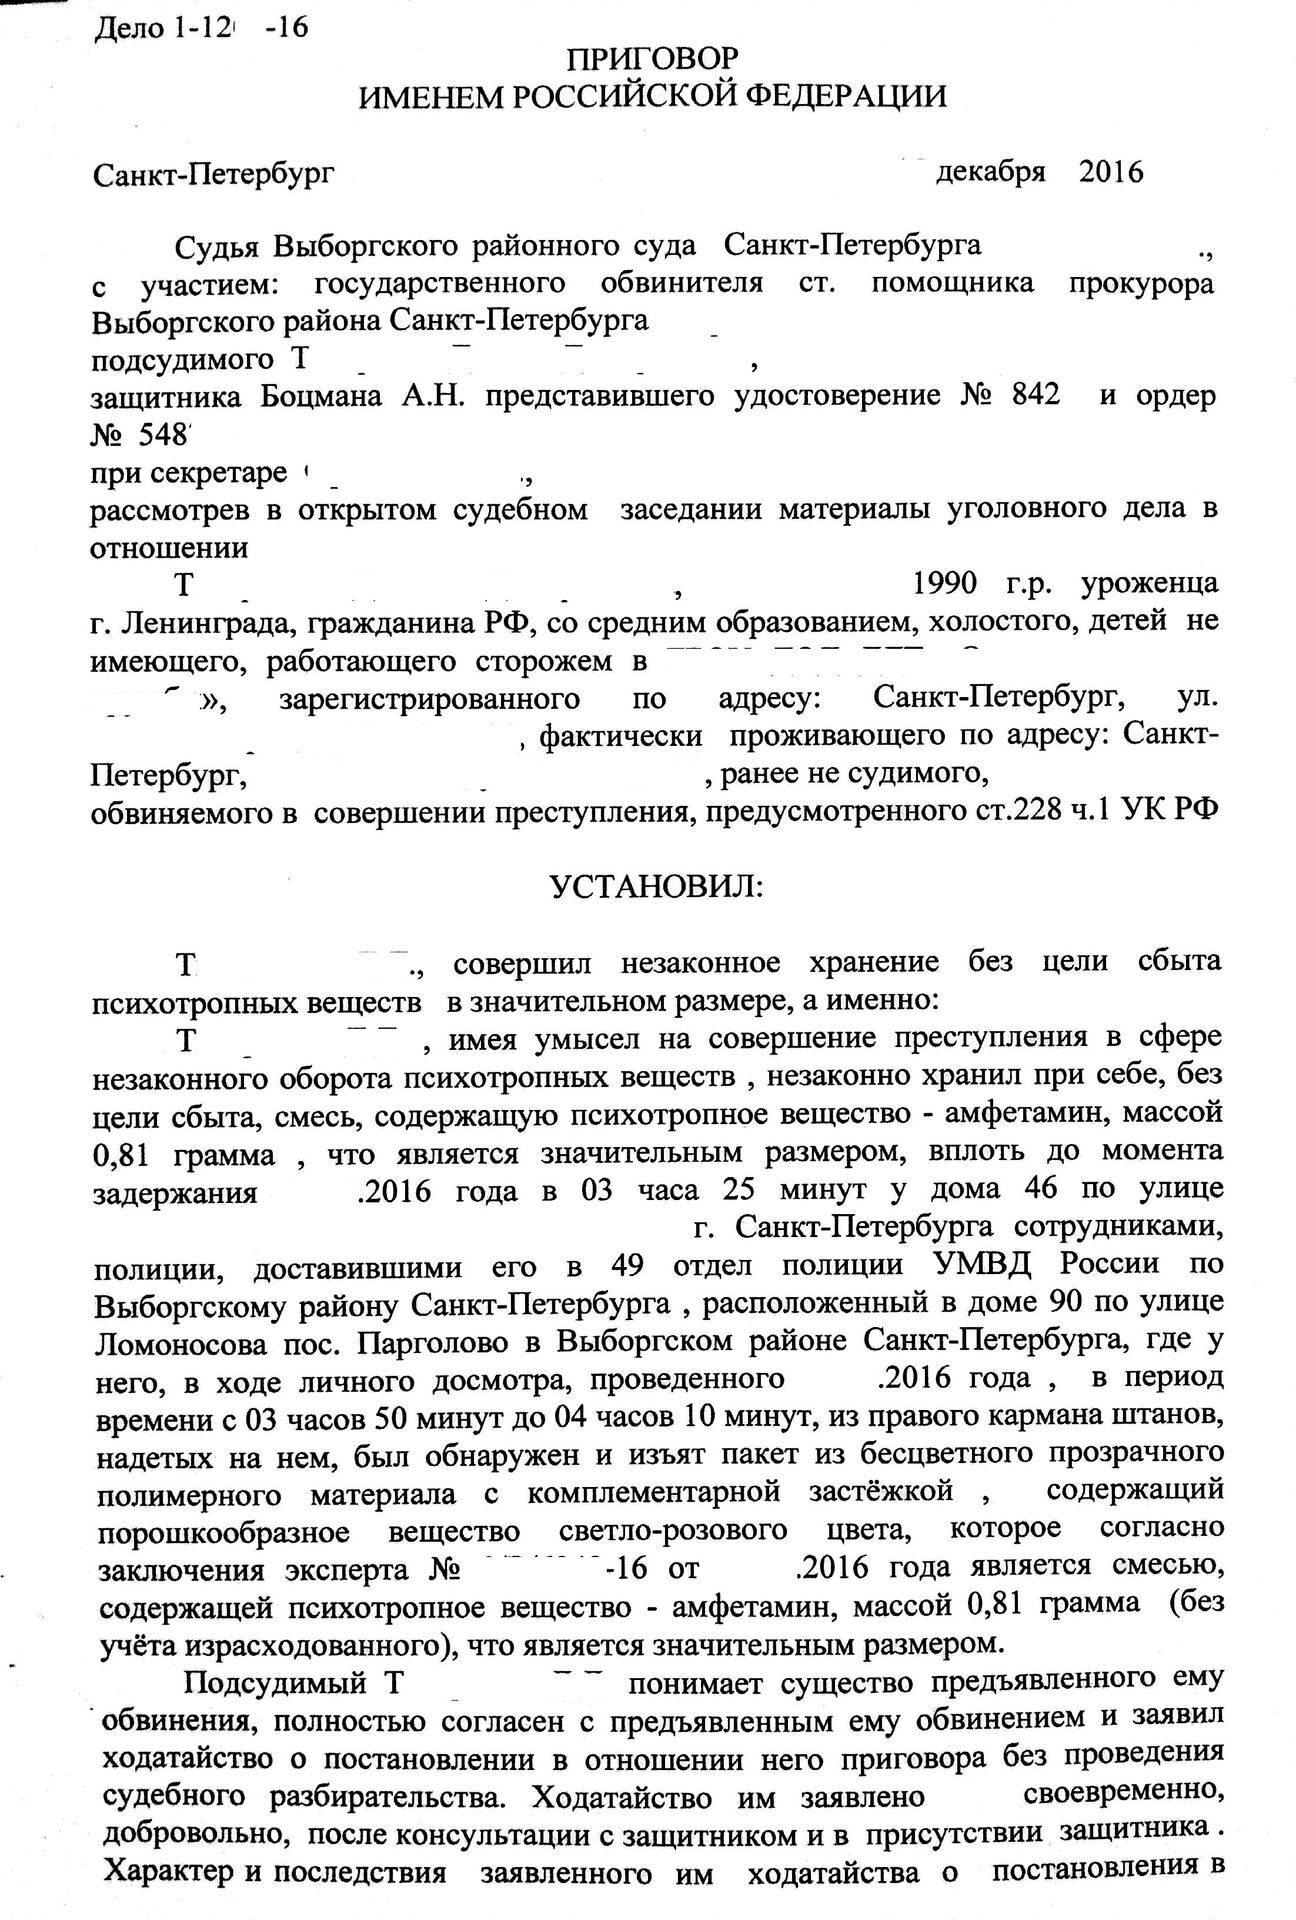 олег невский по 228 юрист